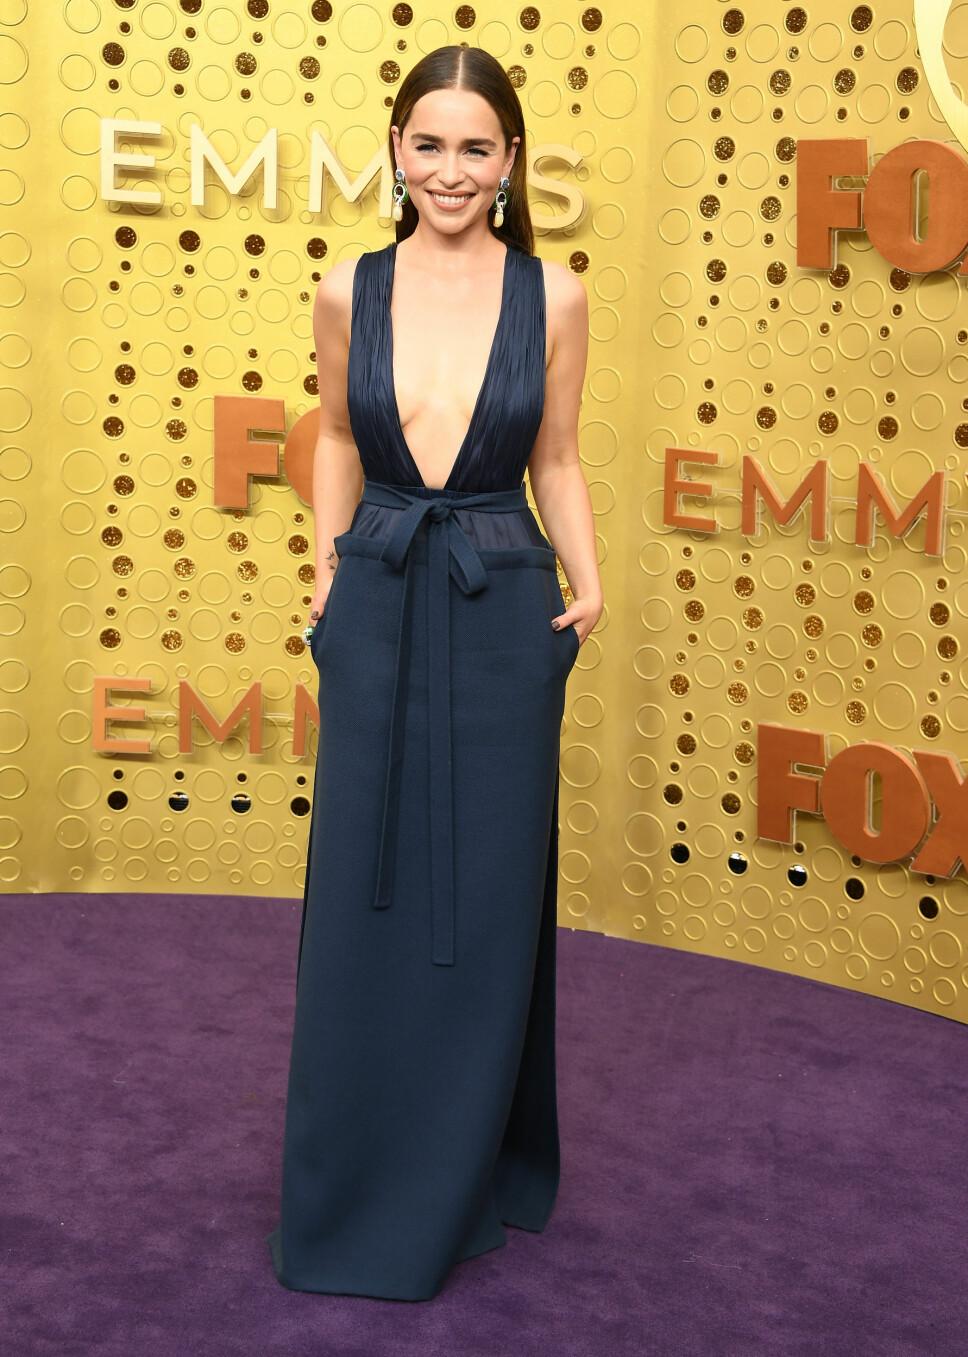 NY LOOK: Skuespiller Emilia Clarke serverte pressen en helt ny sveis, med lange mørke lokker. Hun var ikledd en mørkeblå kjole fra Valentino med dyp utrigning og store statementøredobber.